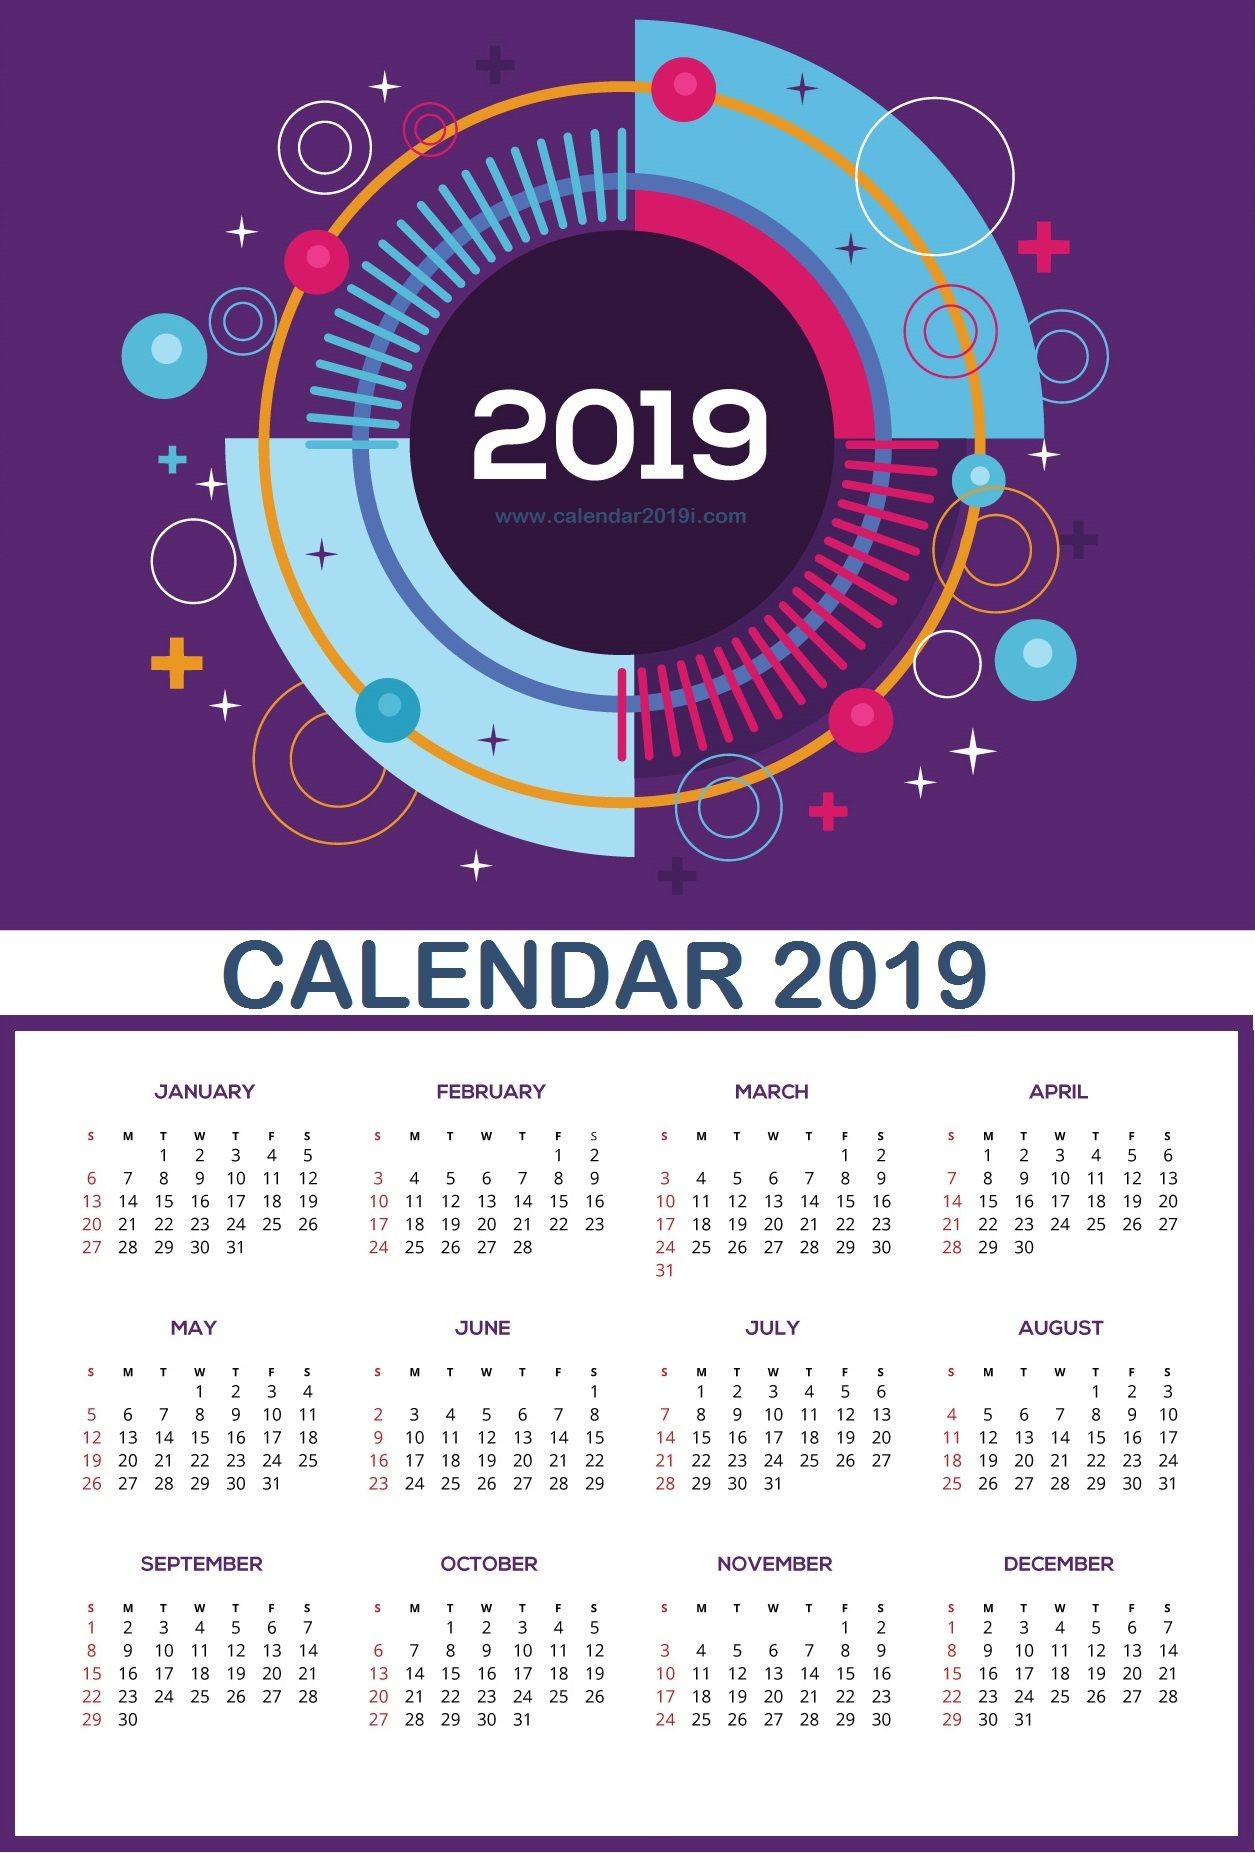 Calendario Para Imprimir 2019 Janeiro Recientes Wall Calendar 2019 Planner Pinterest Of Calendario Para Imprimir 2019 Janeiro Actual 2019 2018 Calendar Printable with Holidays List Kalender Kalendar